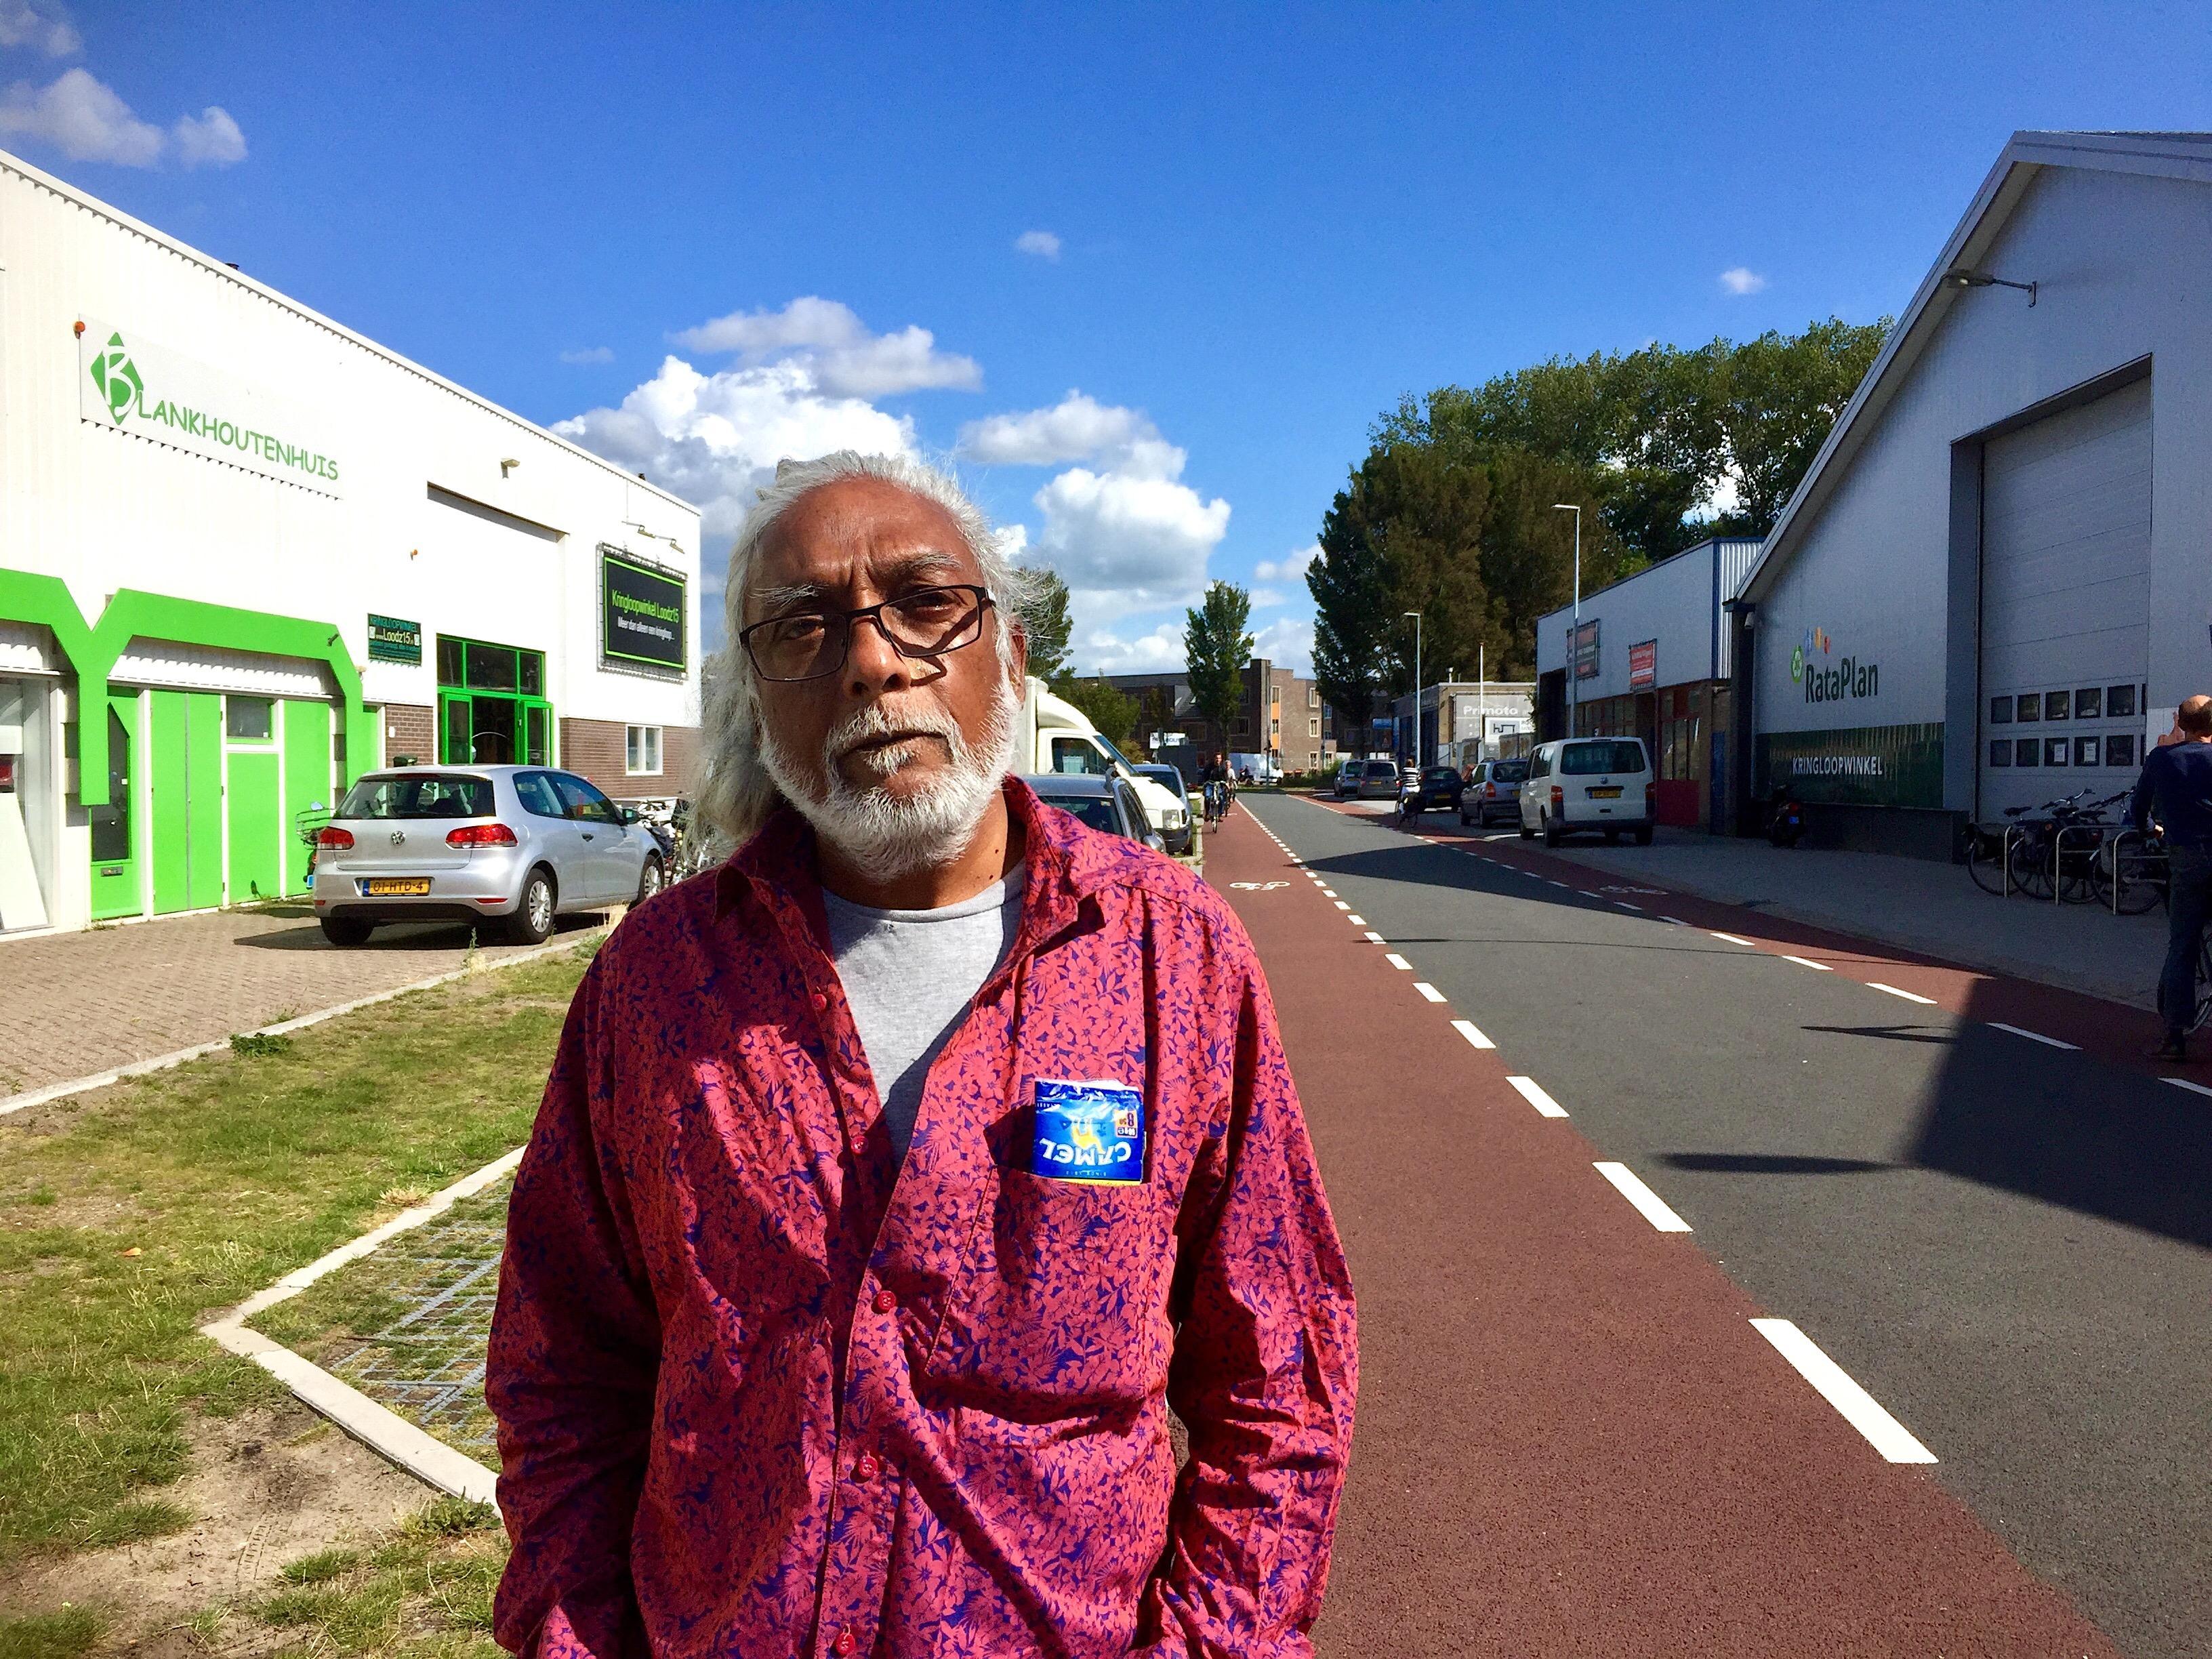 Onderweg: Benji heet de man met het lange grijze haar en de Indiase roots. Achternaam overbodig, al z'n vrienden in Alkmaar kennen hem zo